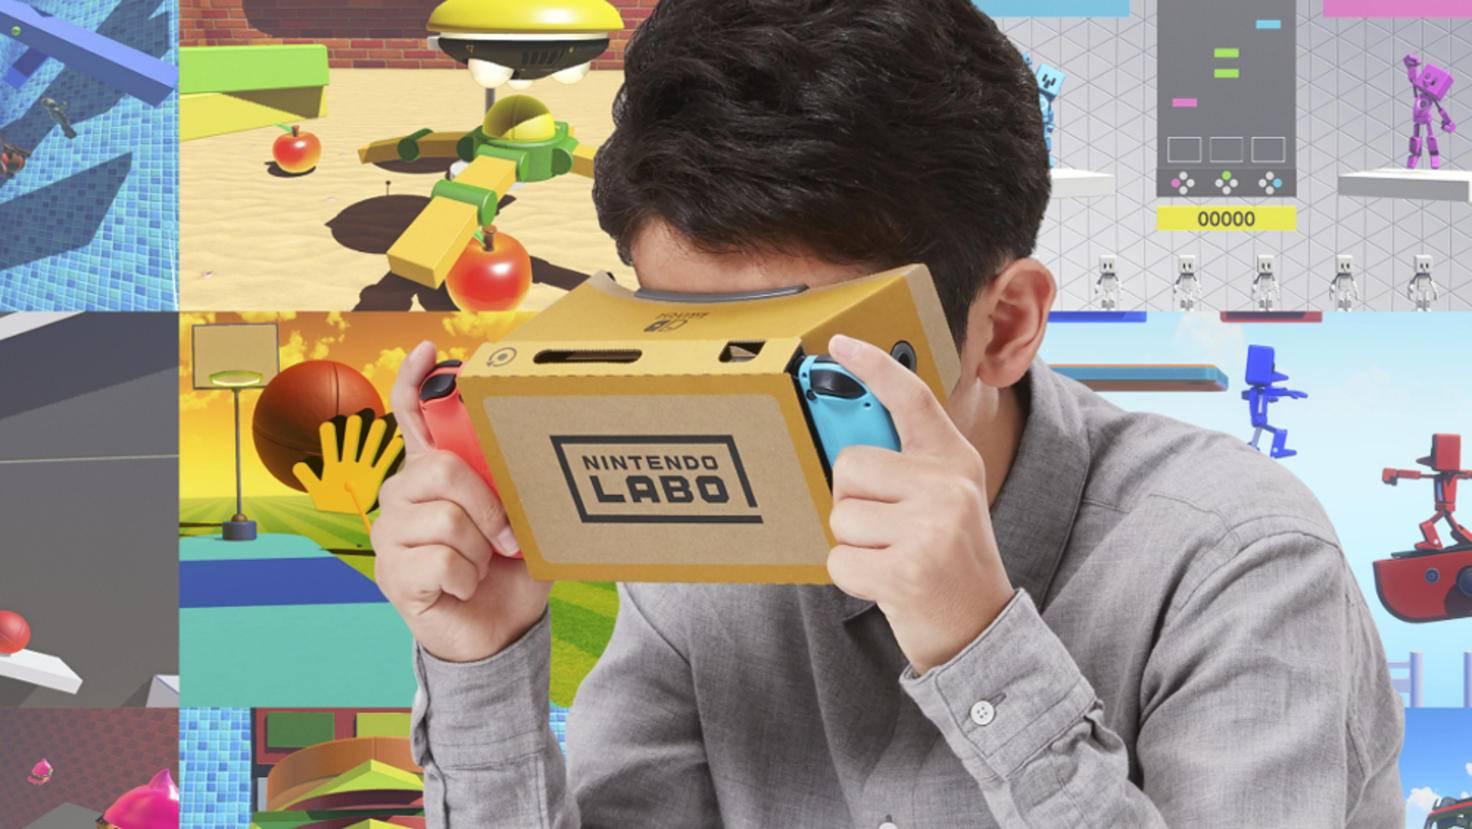 Die Switch Lite passt nicht in die Labo-VR-Brille.